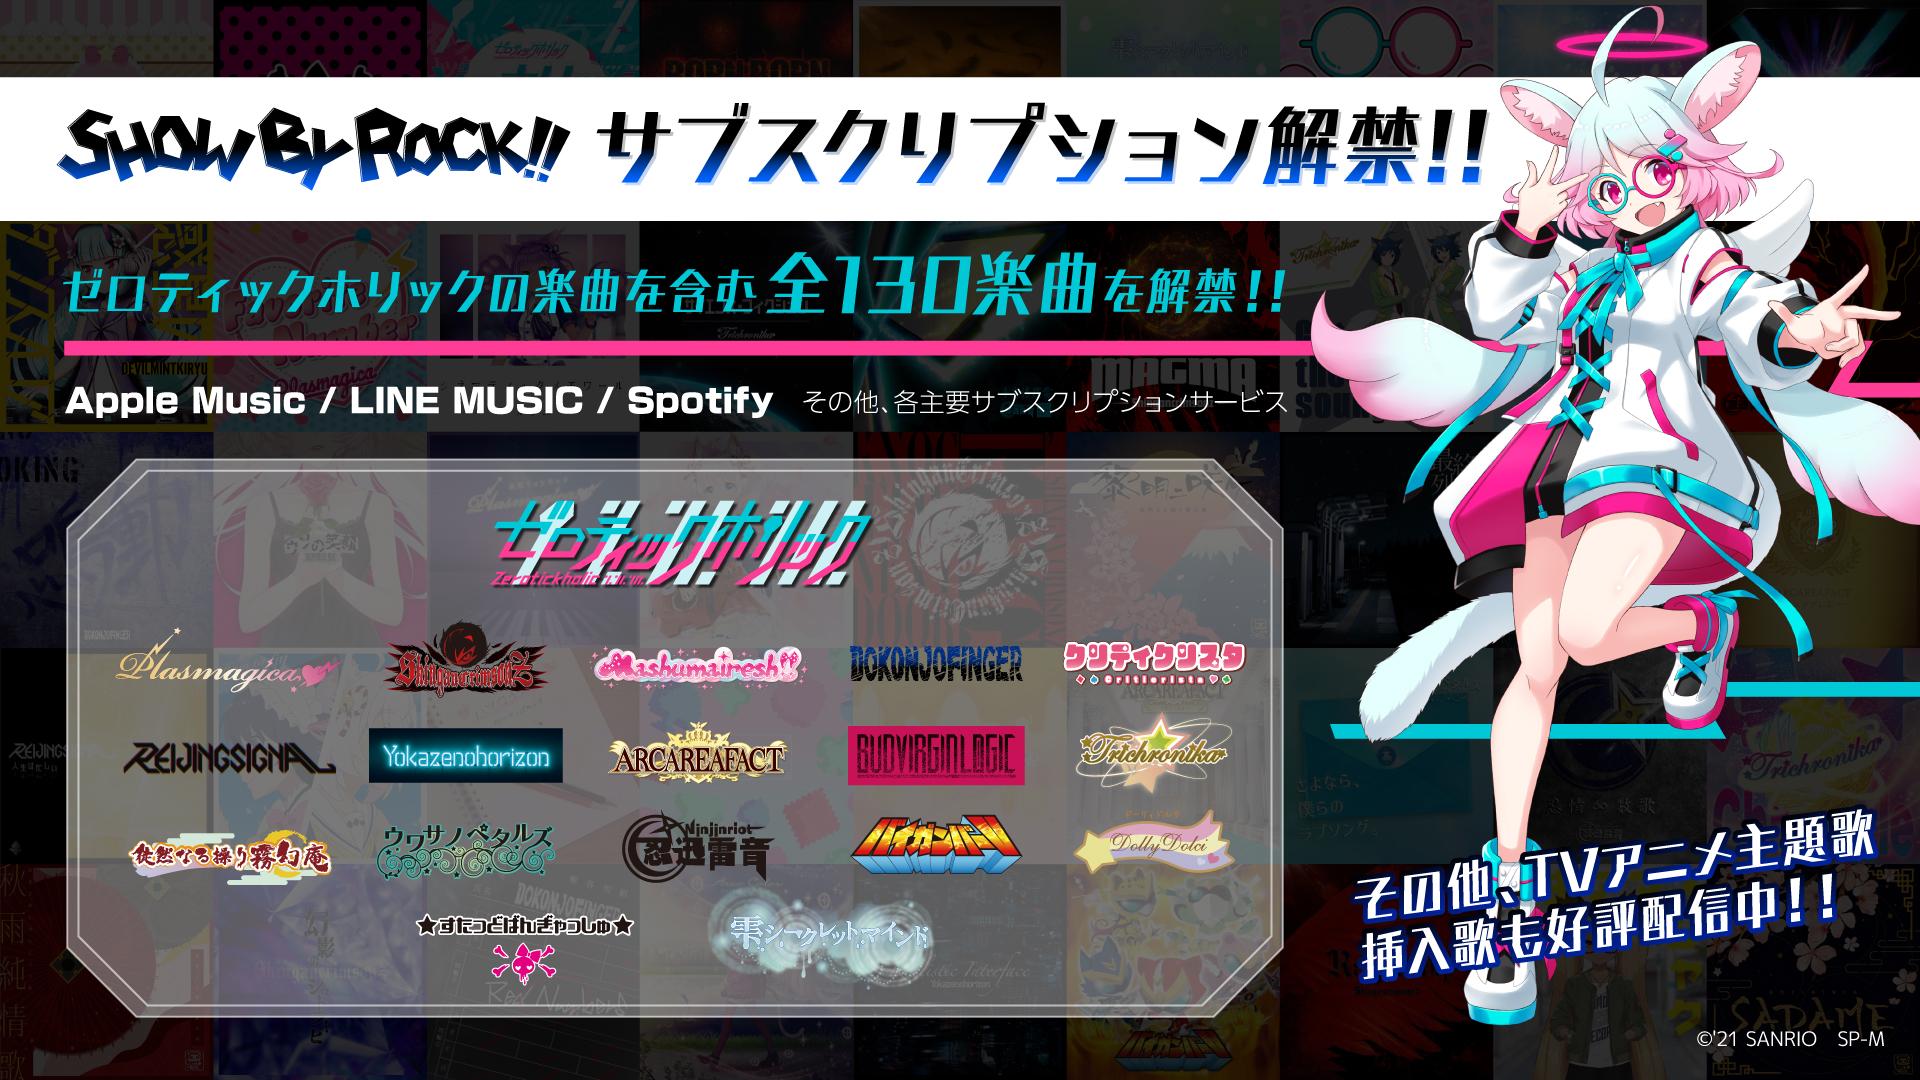 「SHOW BY ROCK!!」130曲が一挙サブスク解禁!最新楽曲やプラズマジカなどおなじみのバンド楽曲も